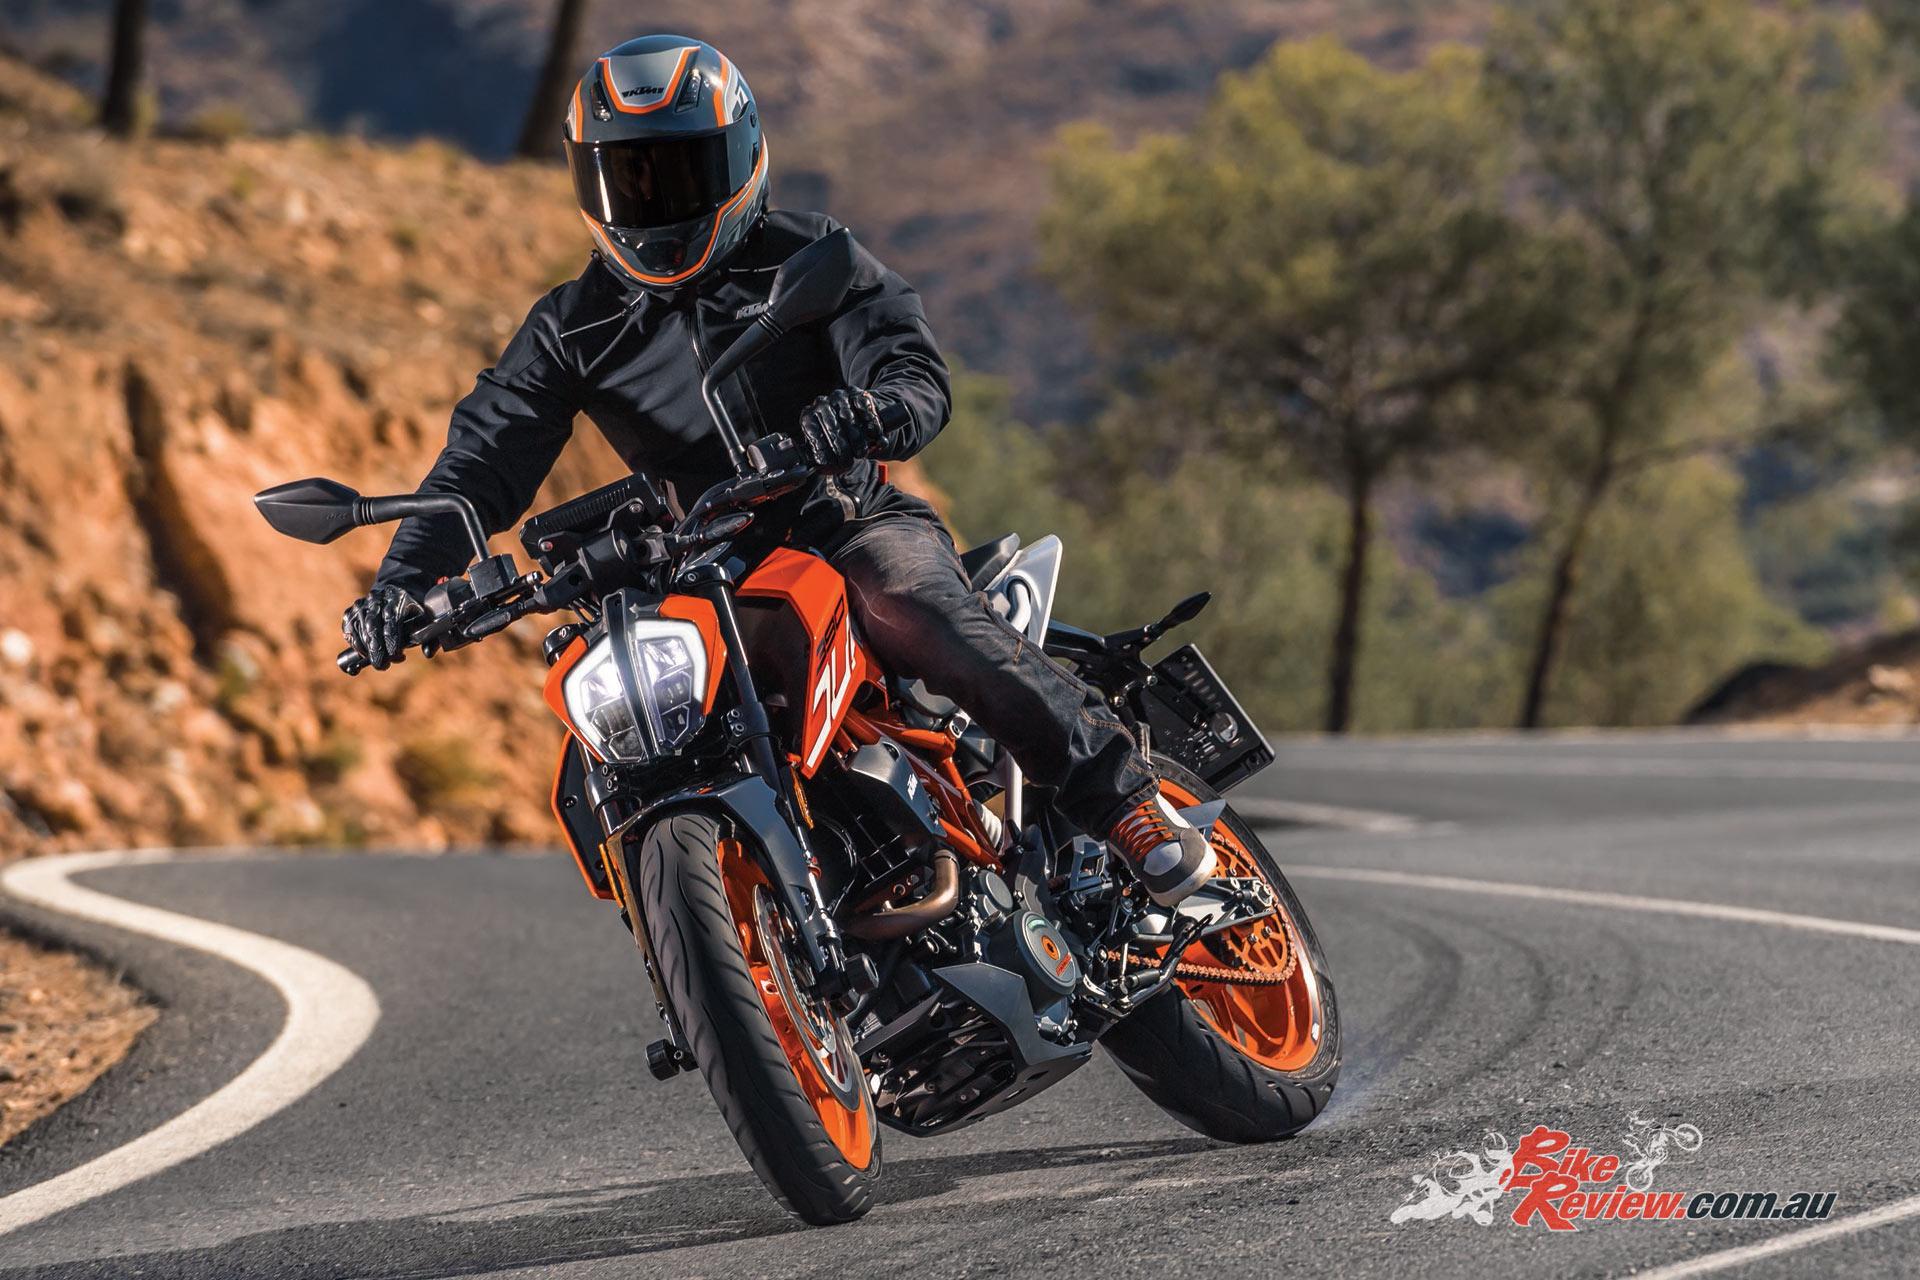 2017 KTM 390 Duke, Image courtesy of KTM by R. Schedl